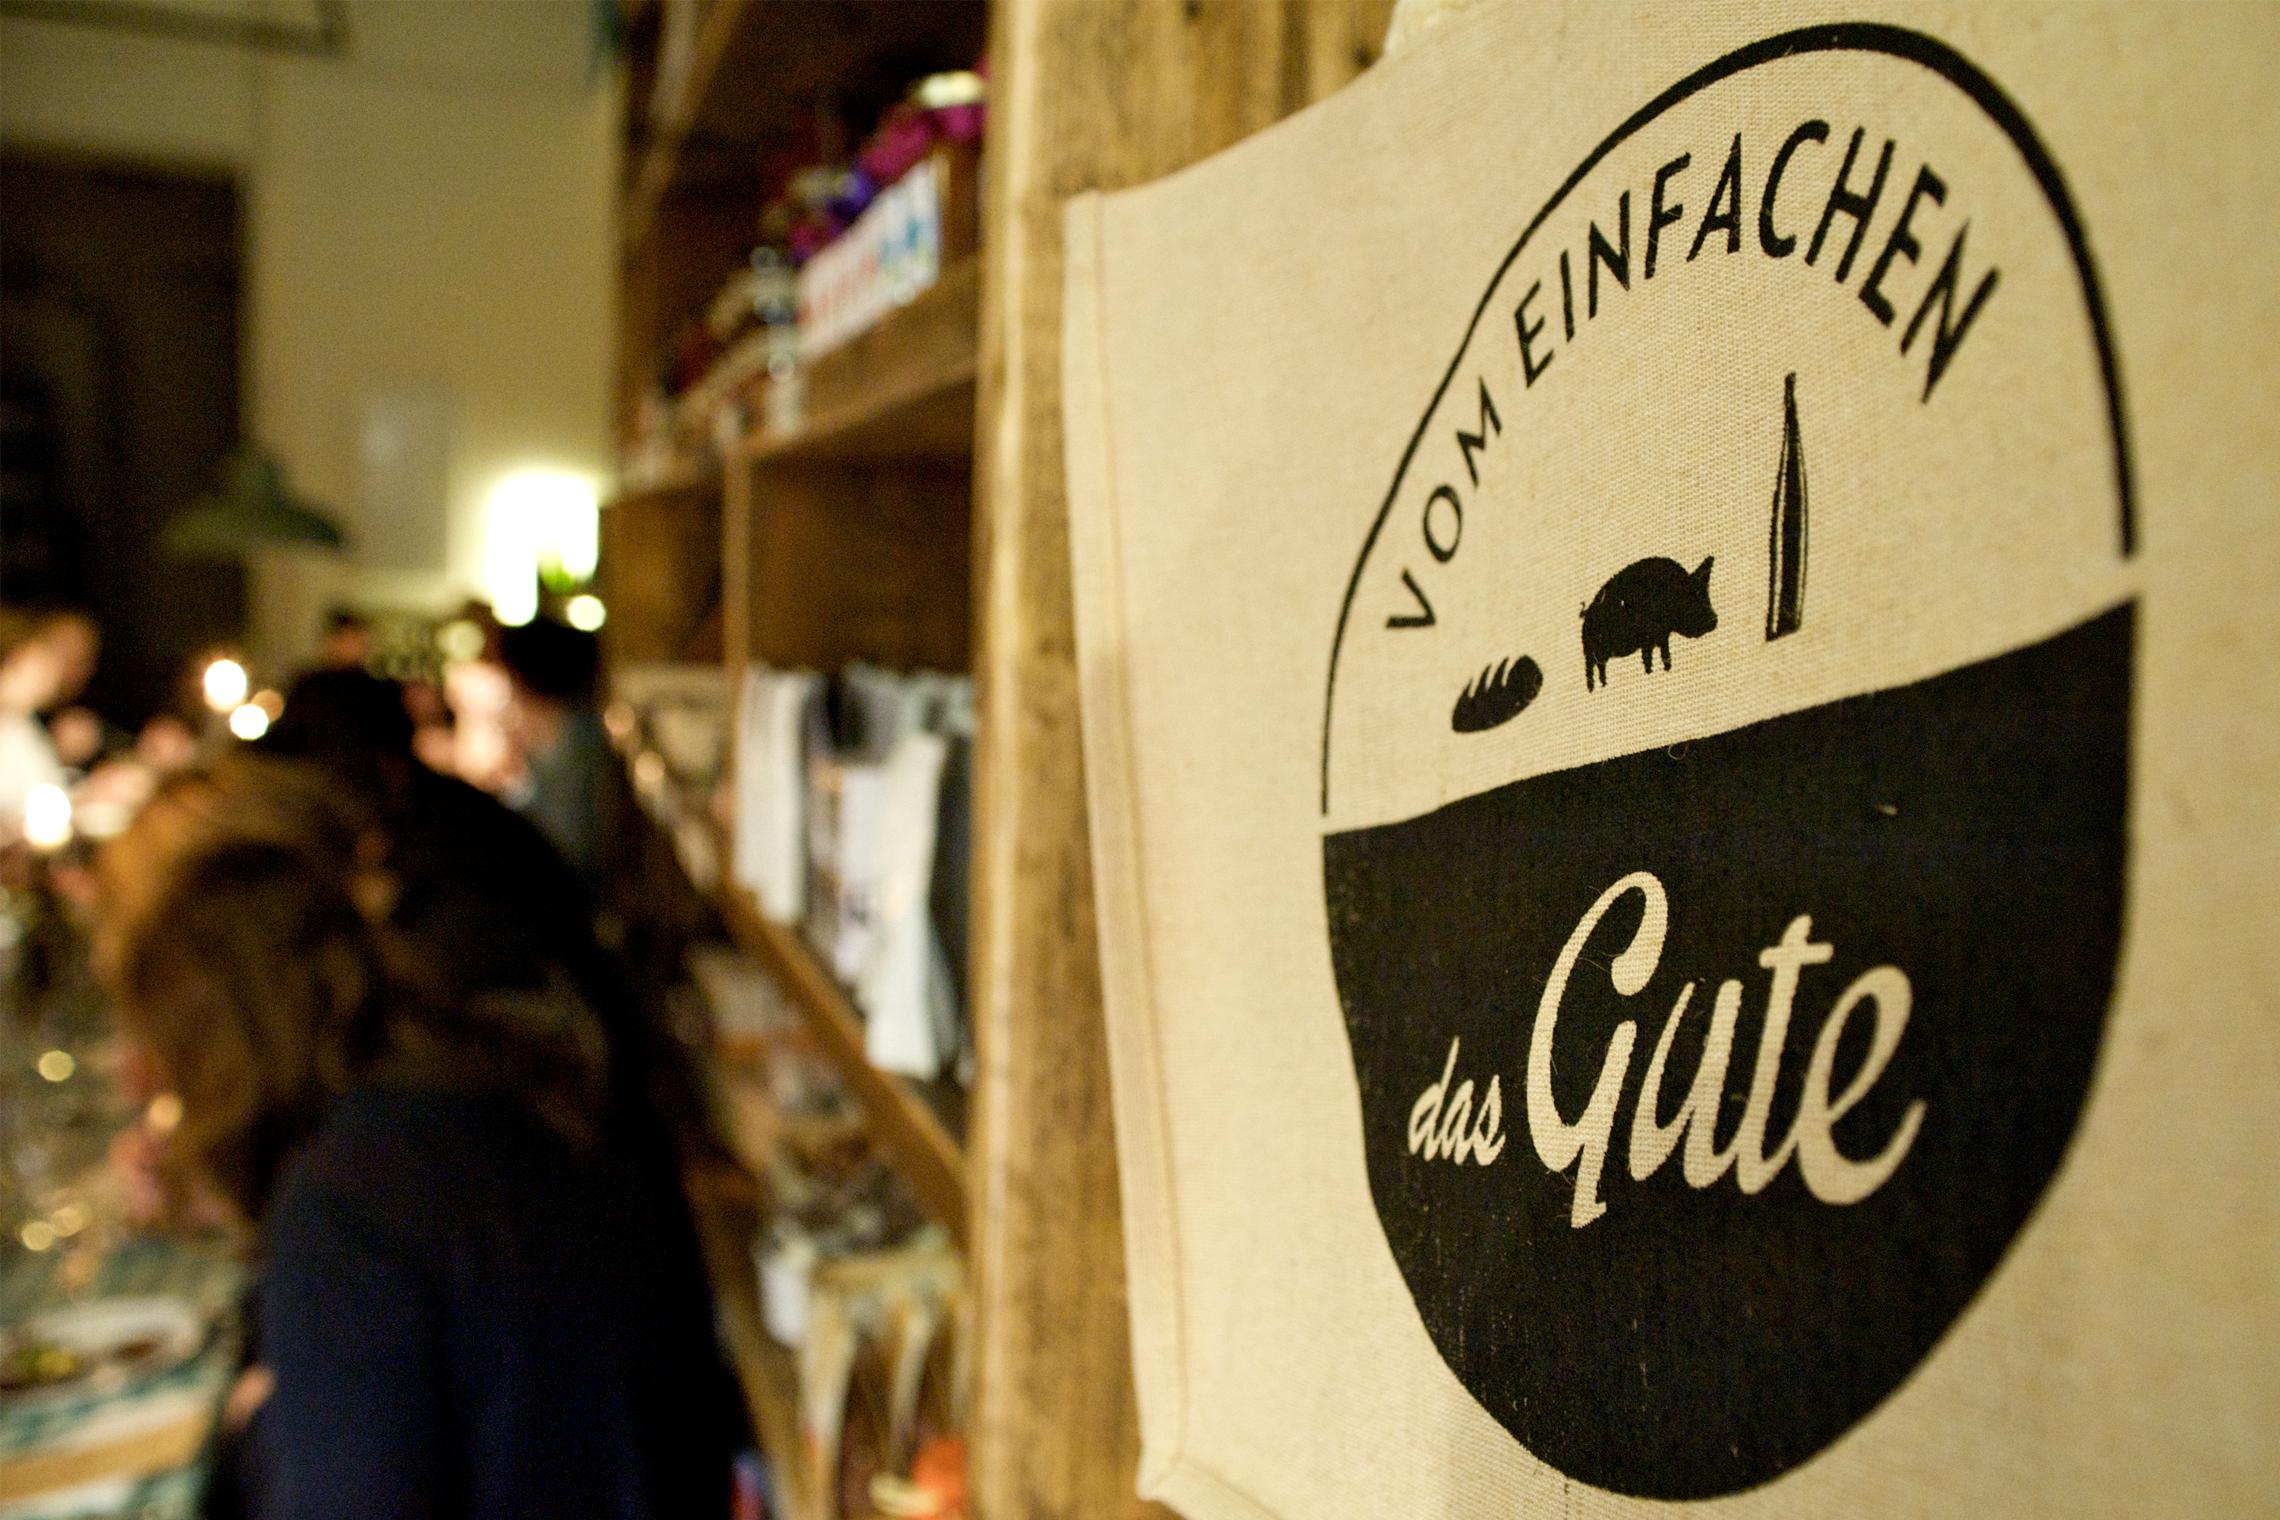 Eventfotografie Food Vom Einfachen das Gute Caro Hoene Berlin Kreuzberg